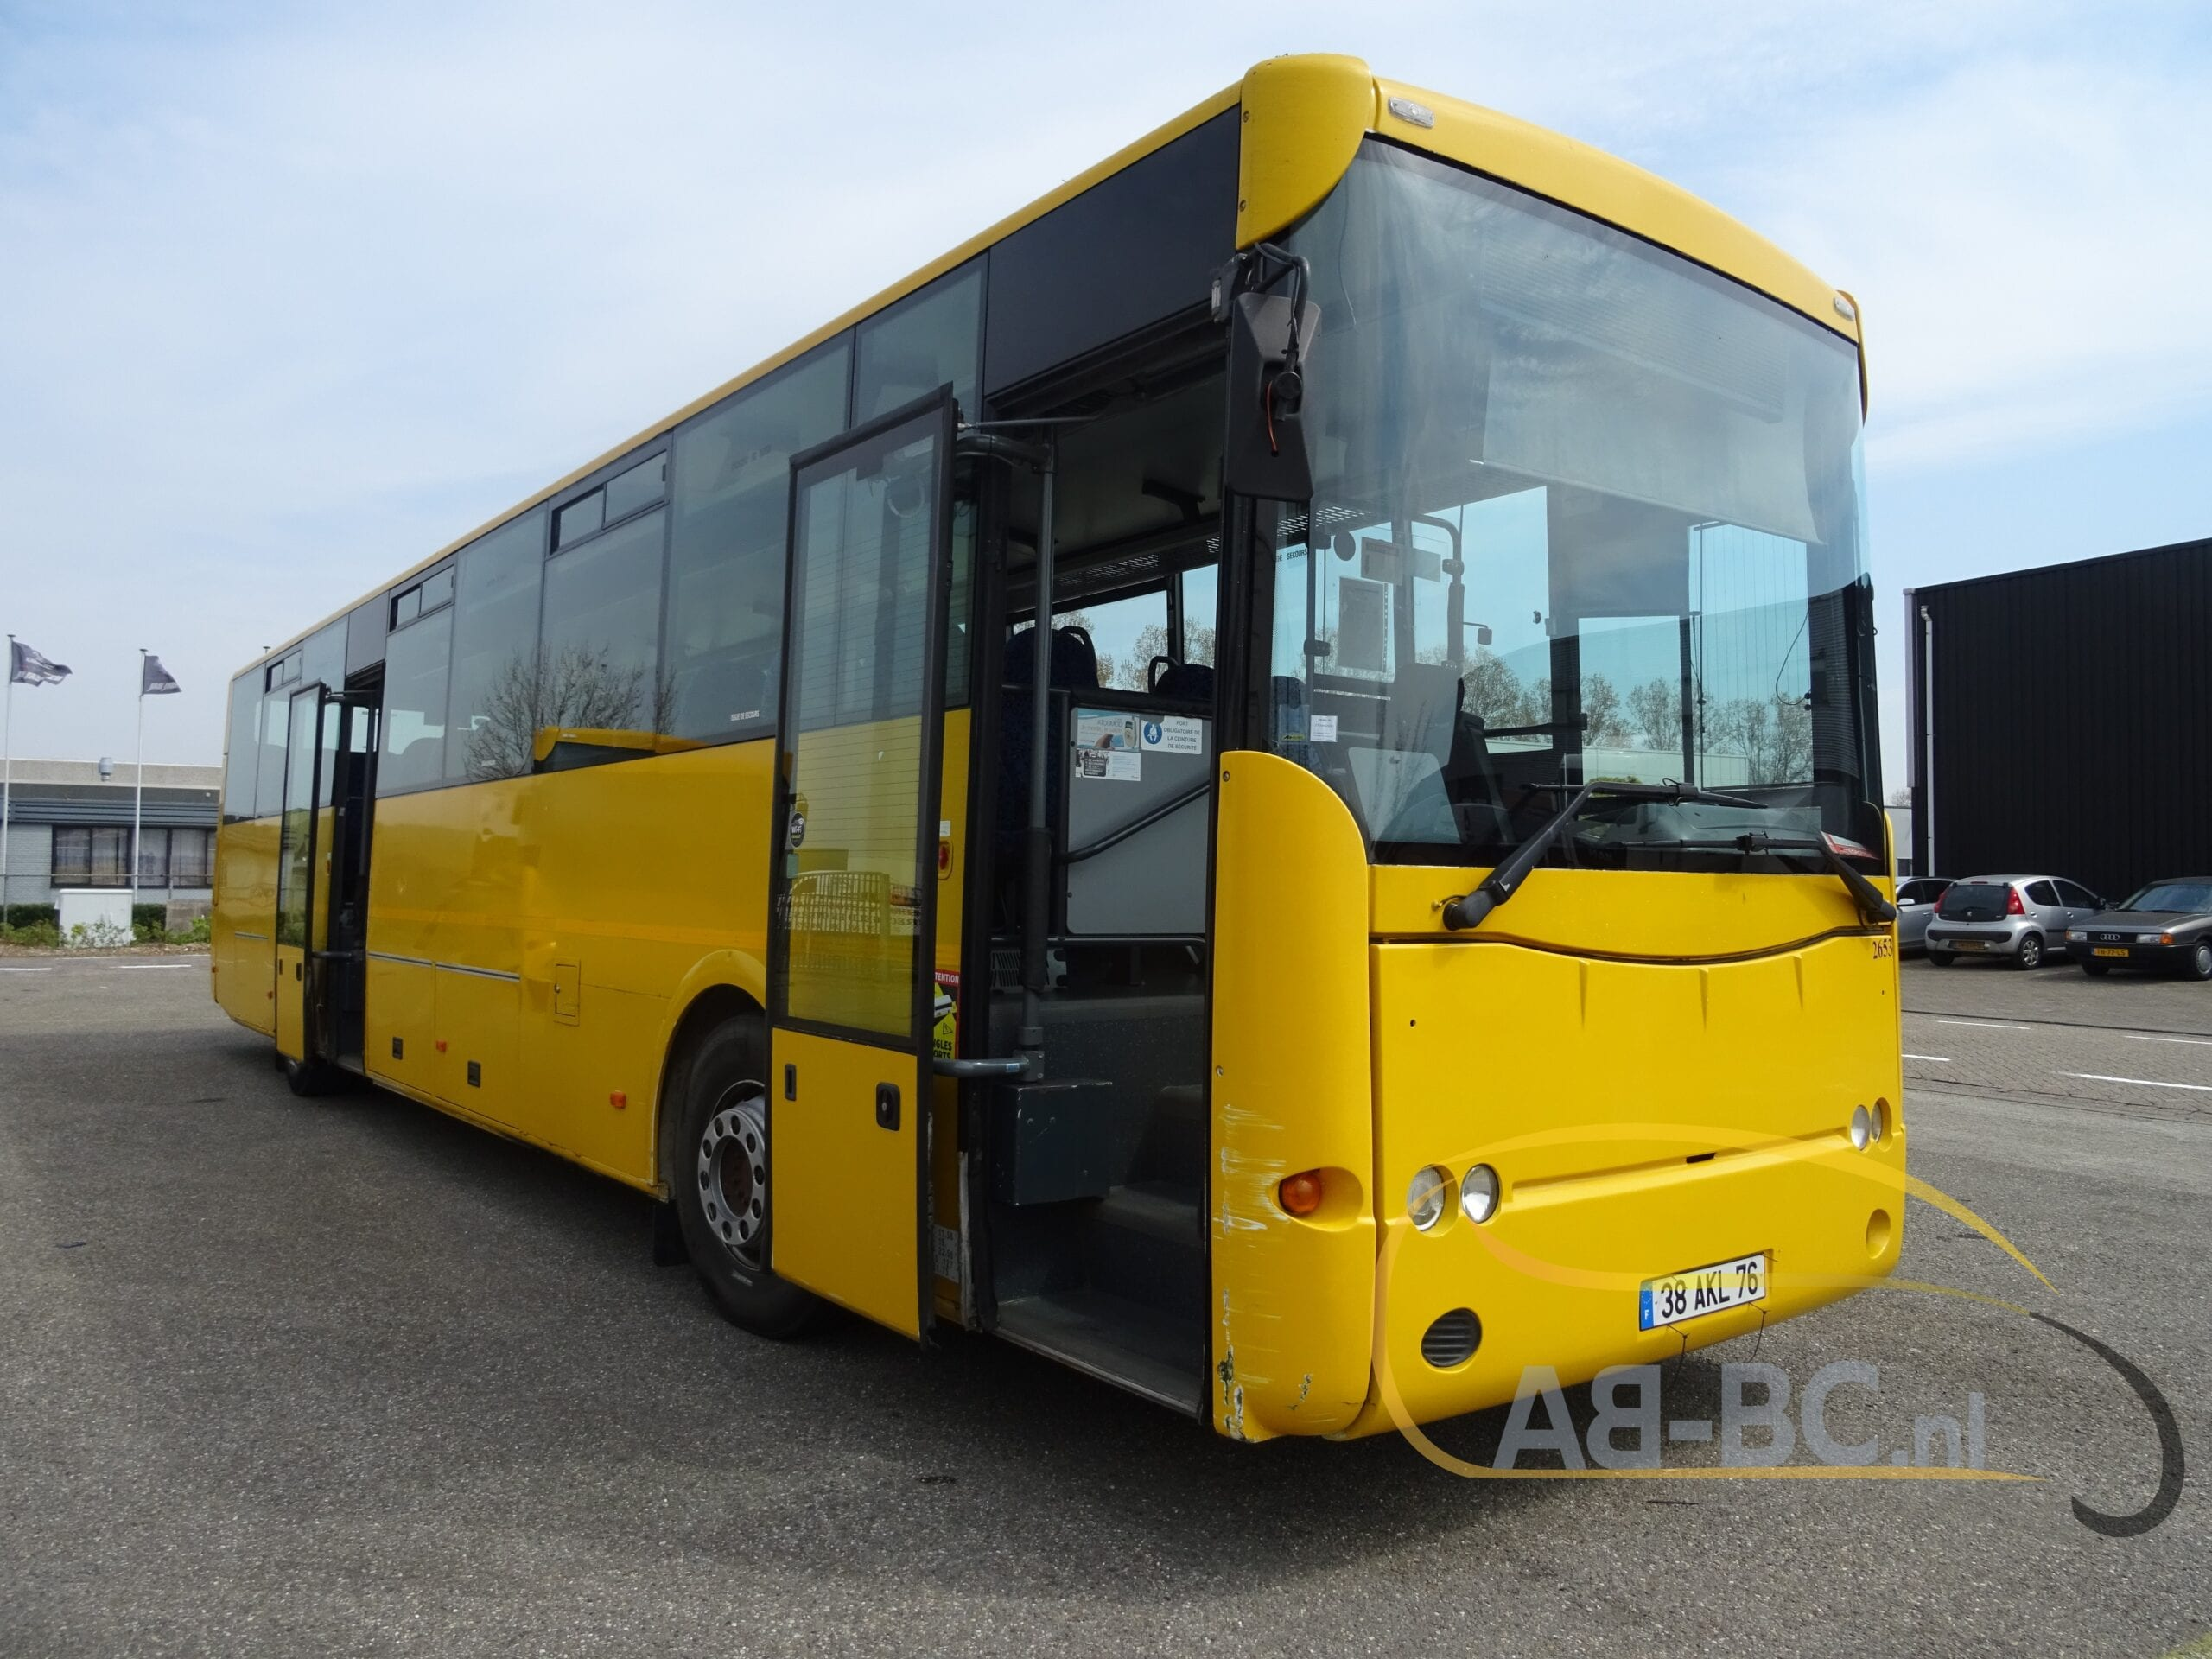 38-AKL-76 01